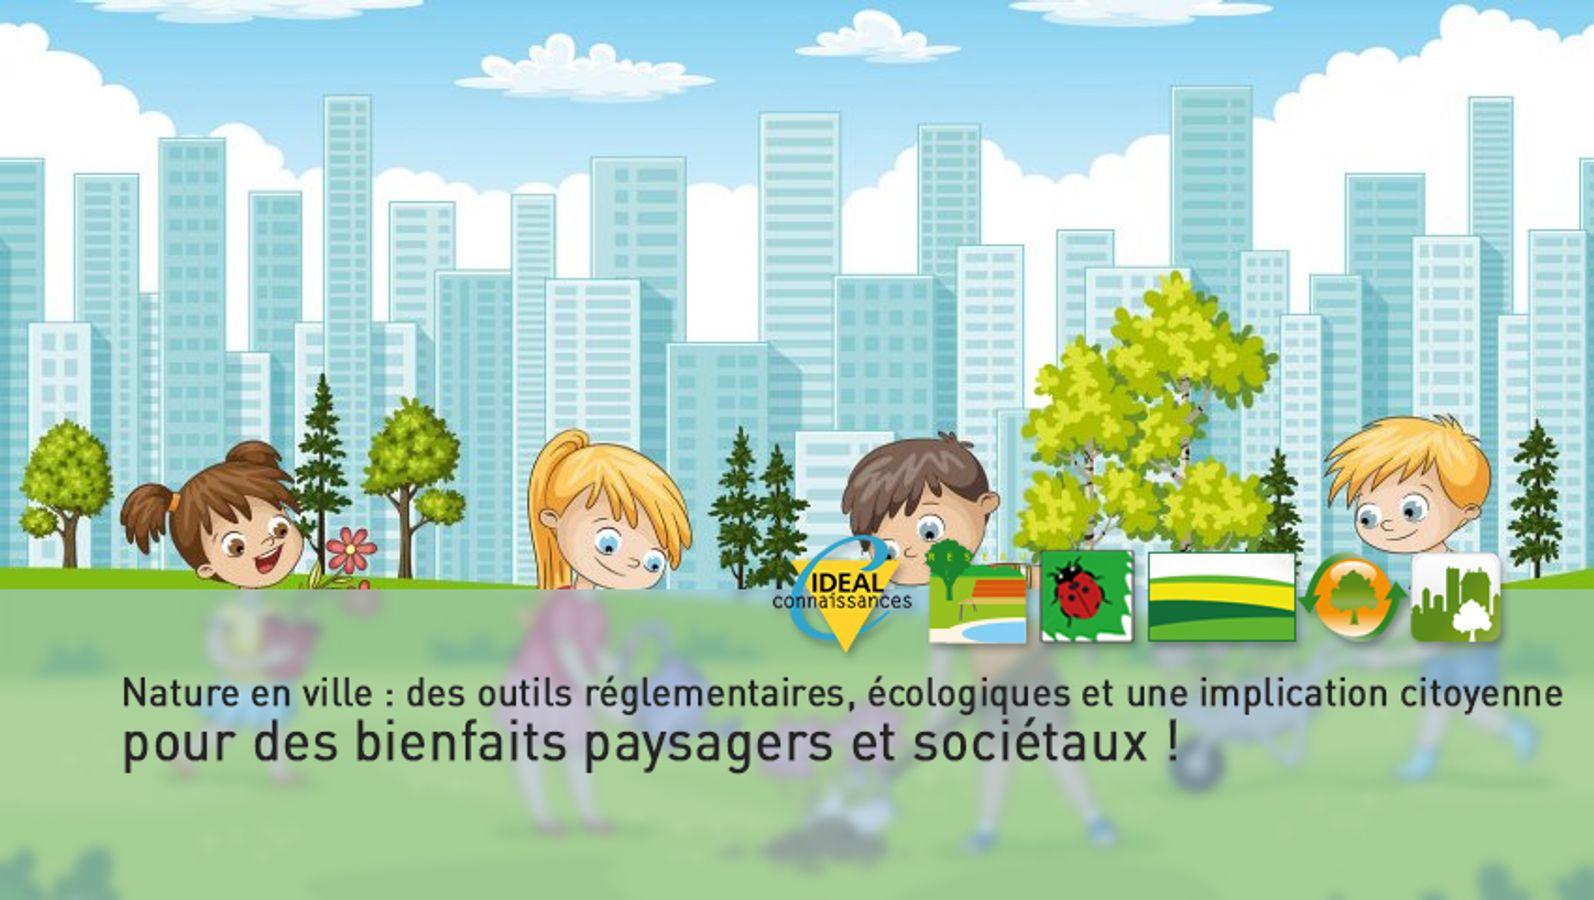 Nature en ville : des outils réglementaires, écologiques et une implication citoyenne pour des bienfaits paysagers et sociétaux !